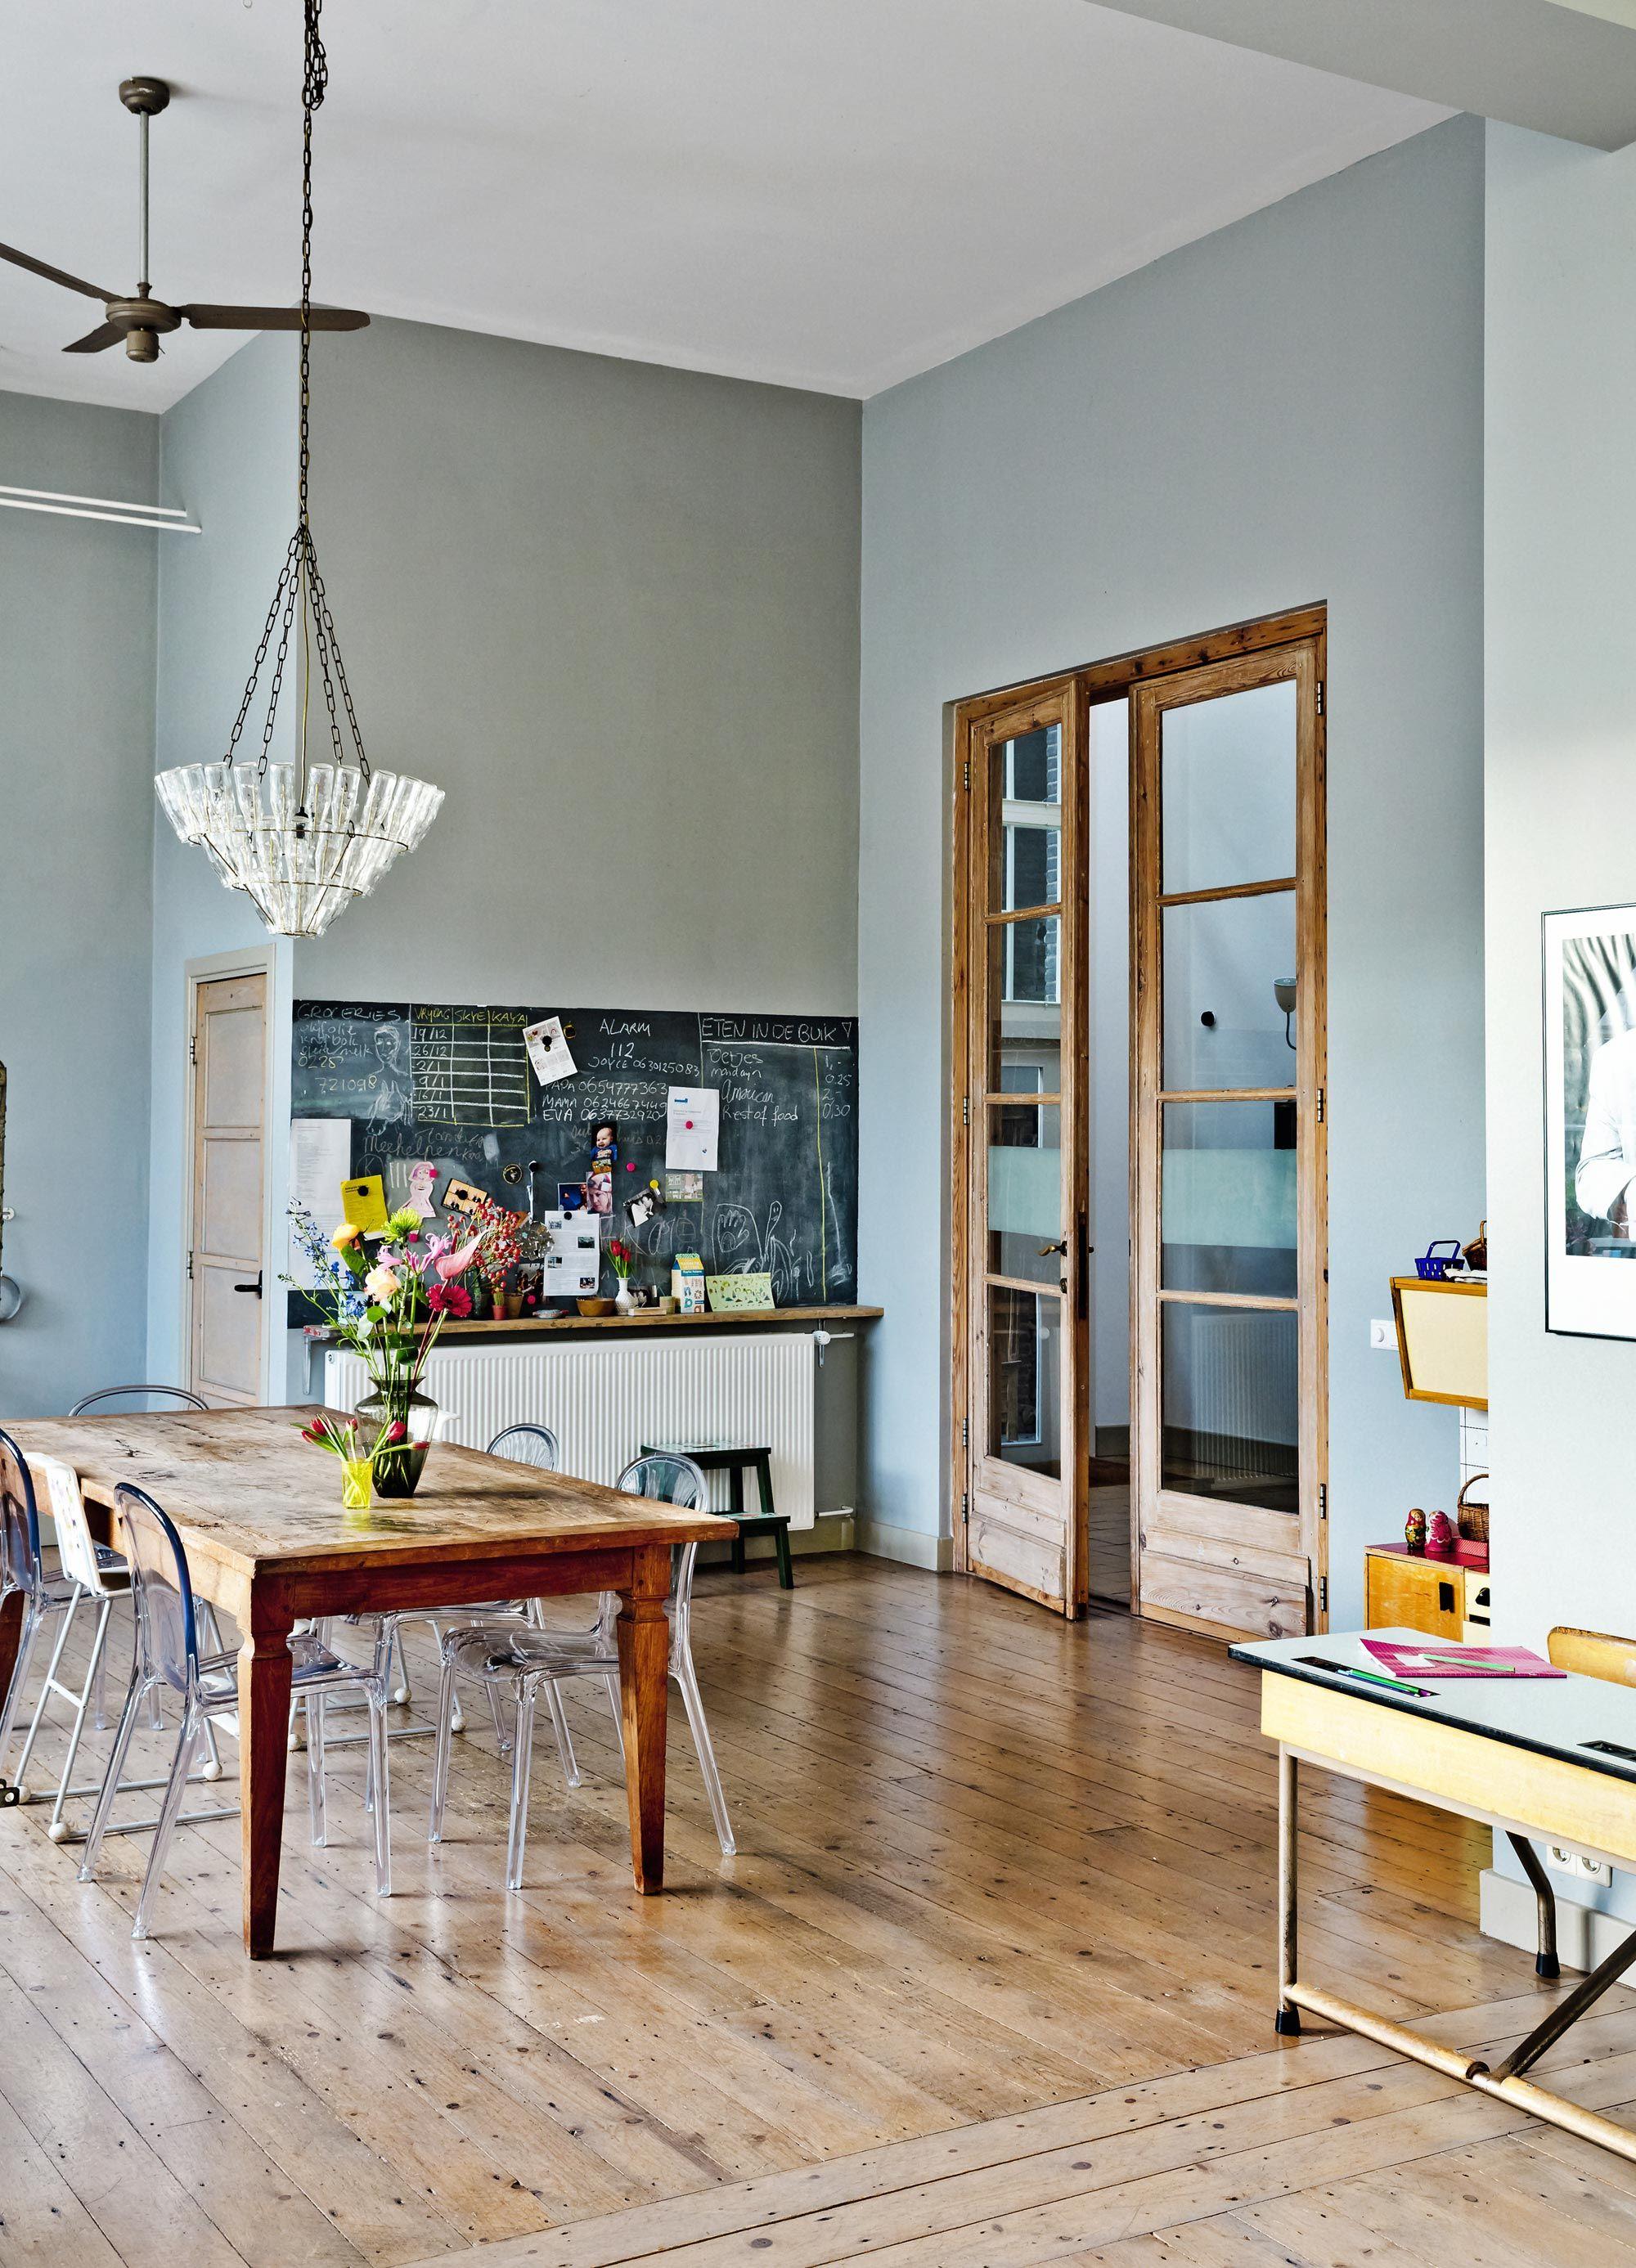 Prachtig interieur, hout, lichtblauw, wit combi | intérieurs ...